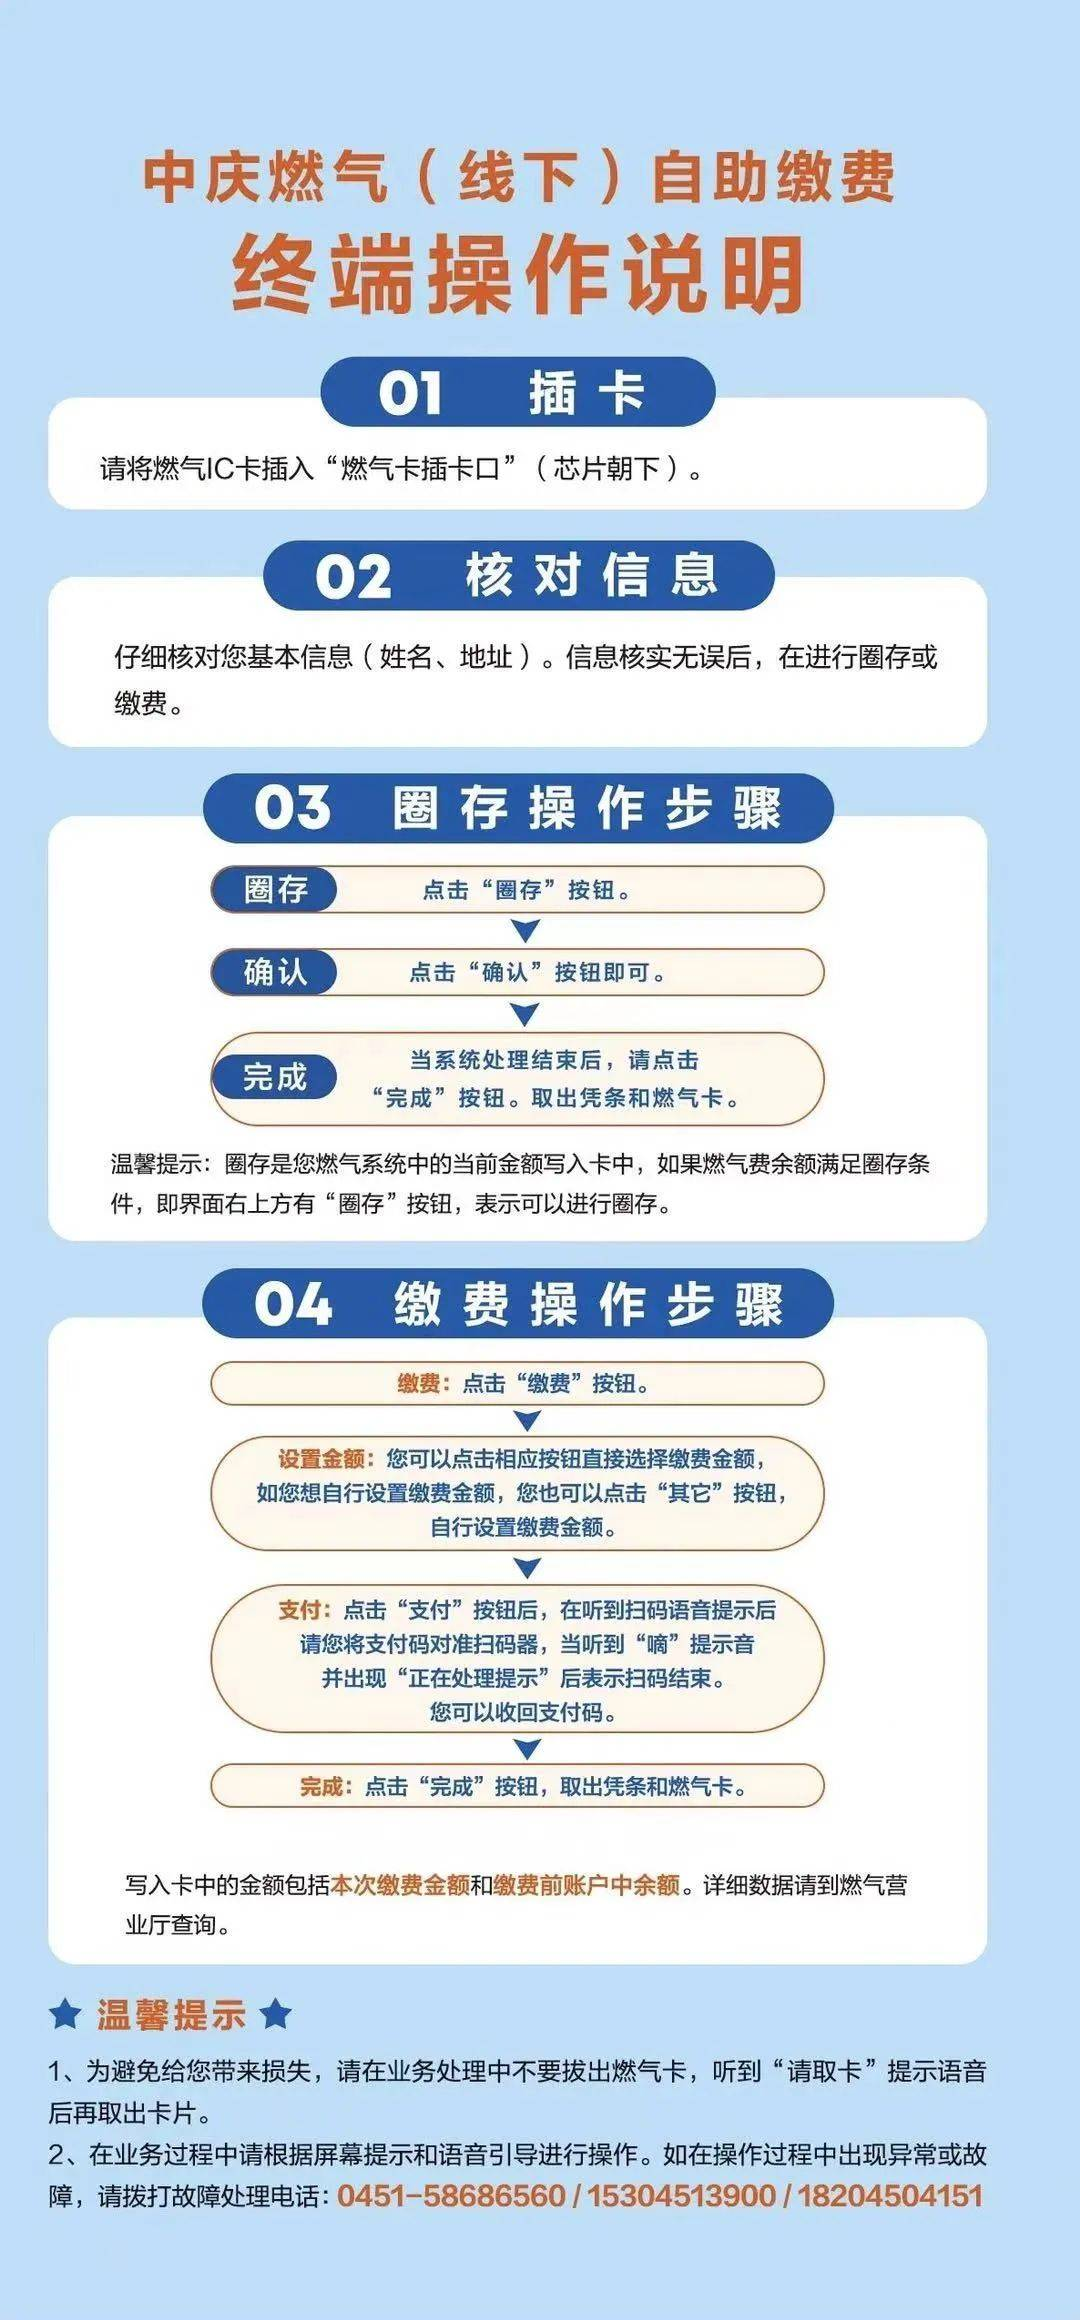 @哈尔滨人:物业社区可以圈存燃气了!看看网点都在哪儿 ↘ 名单还在增加中